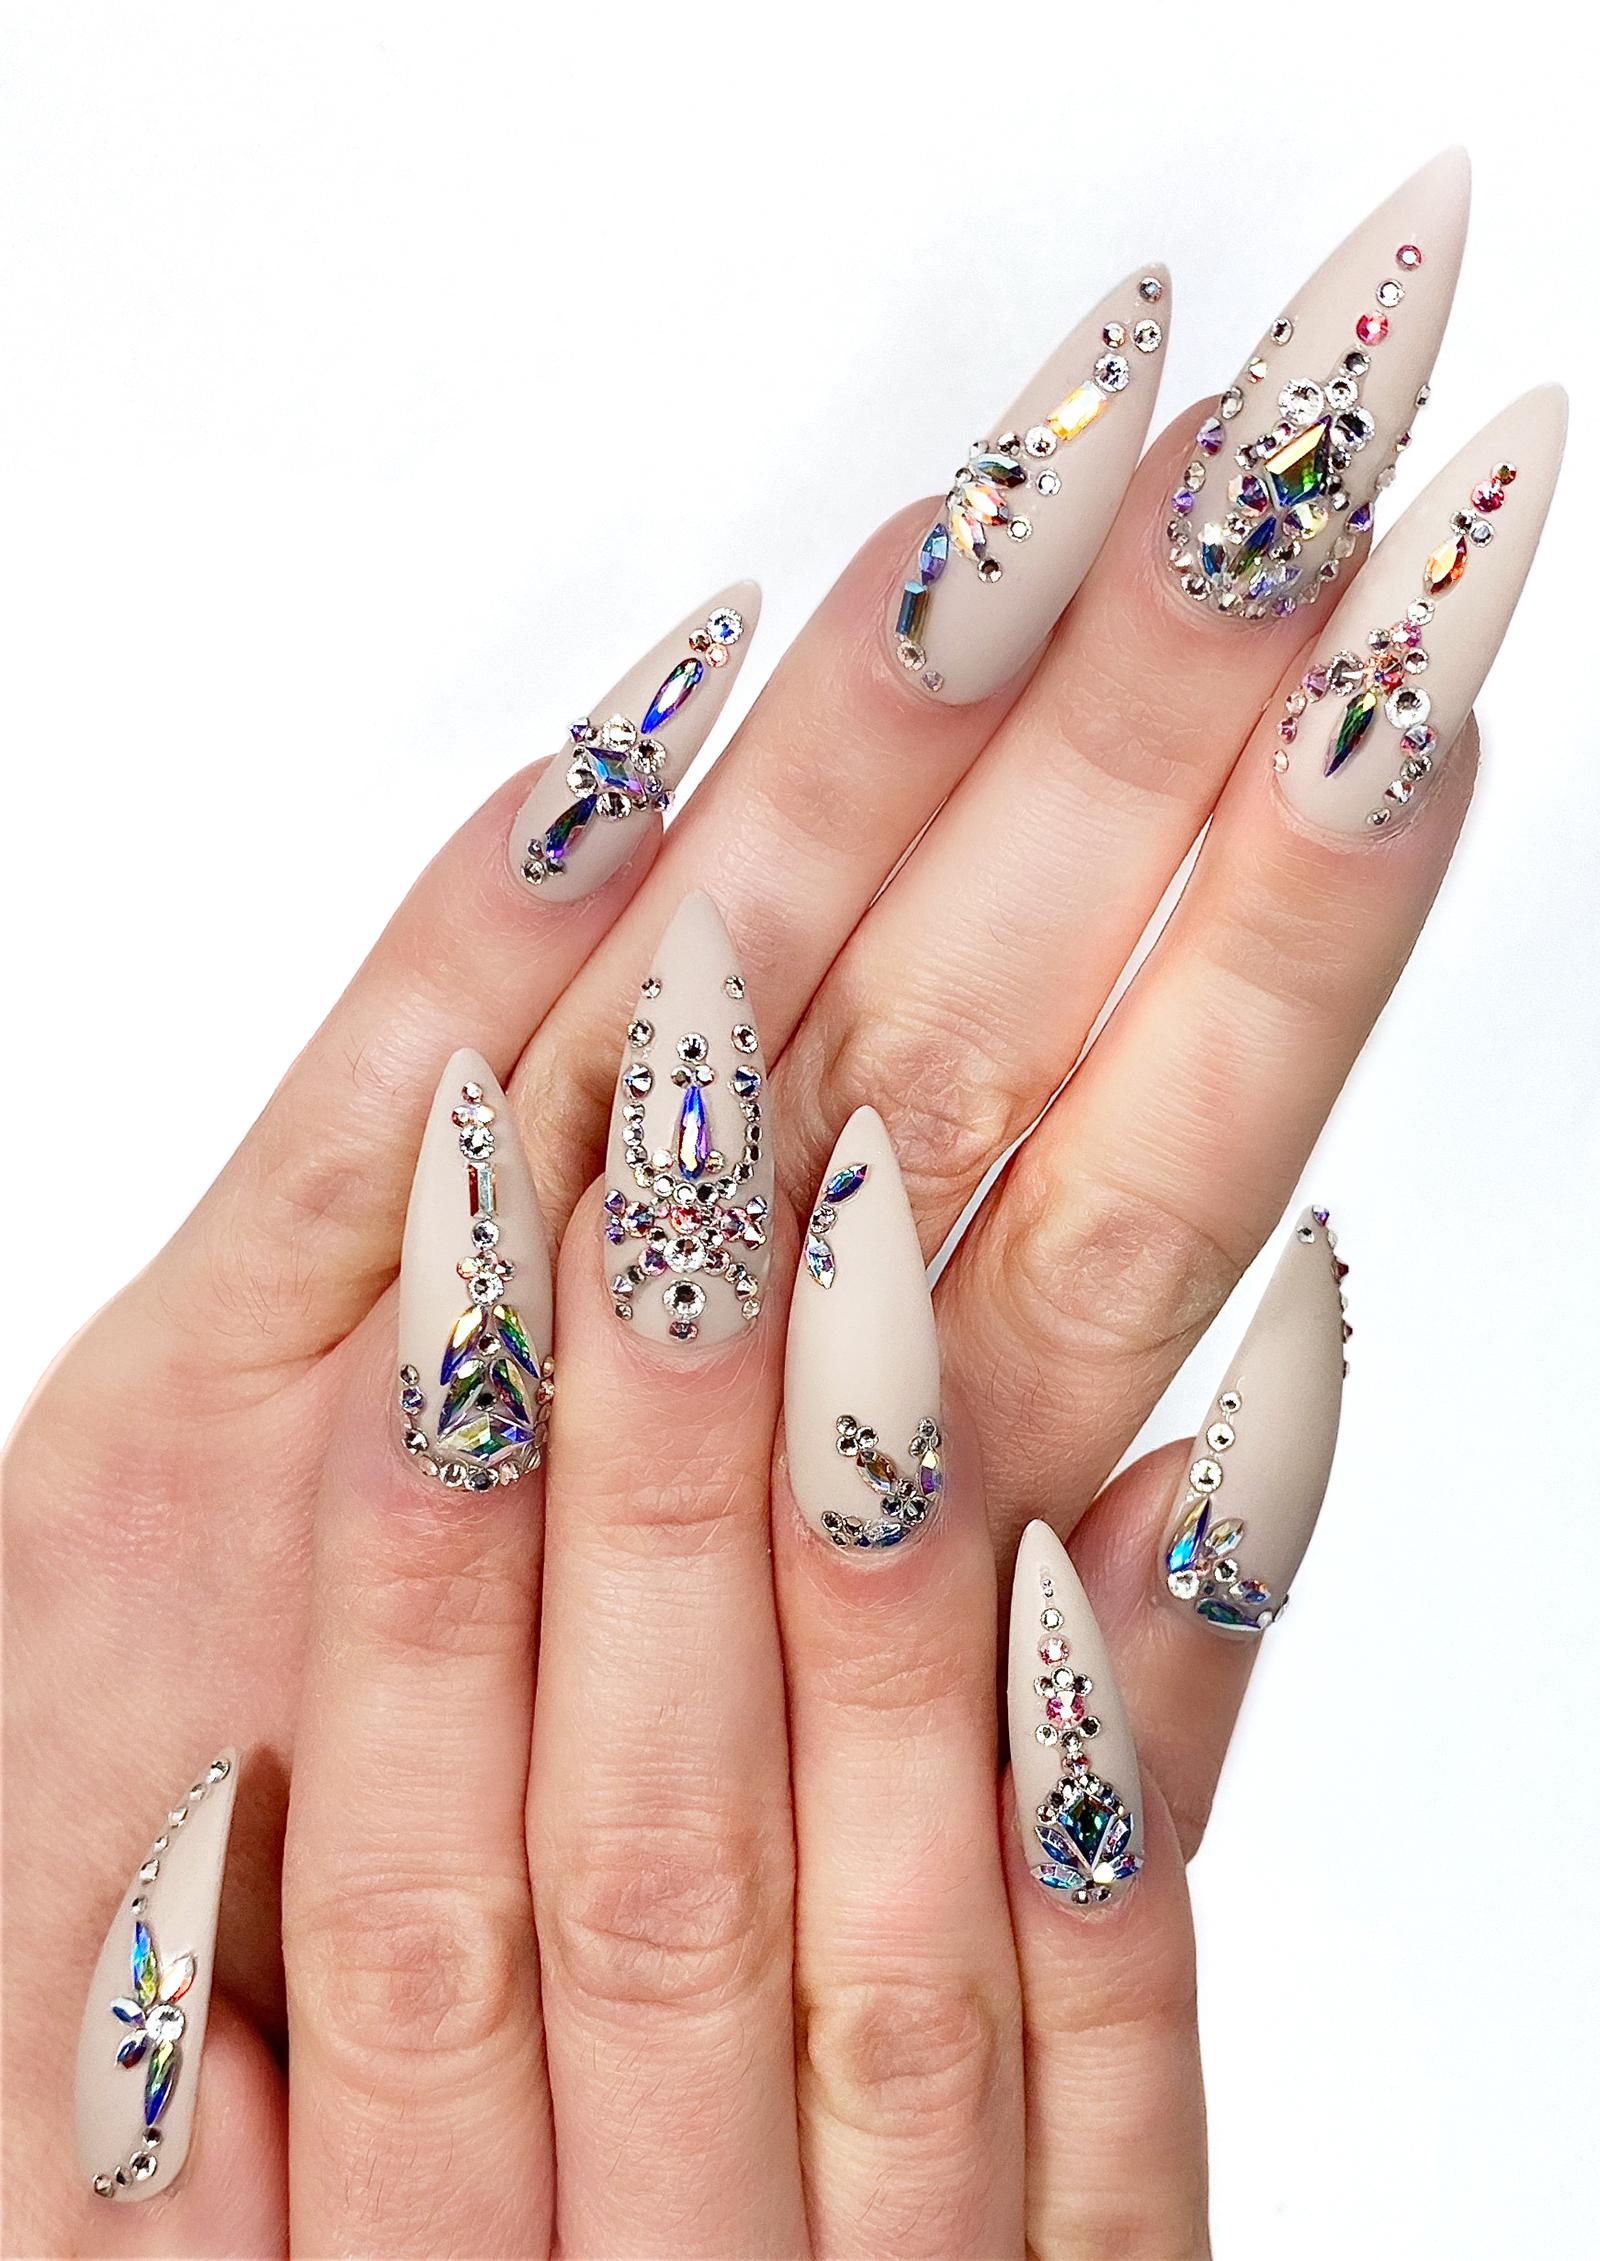 NTNA S. 7 Pre-Challenge 2: Jewelry Nail Art (April)